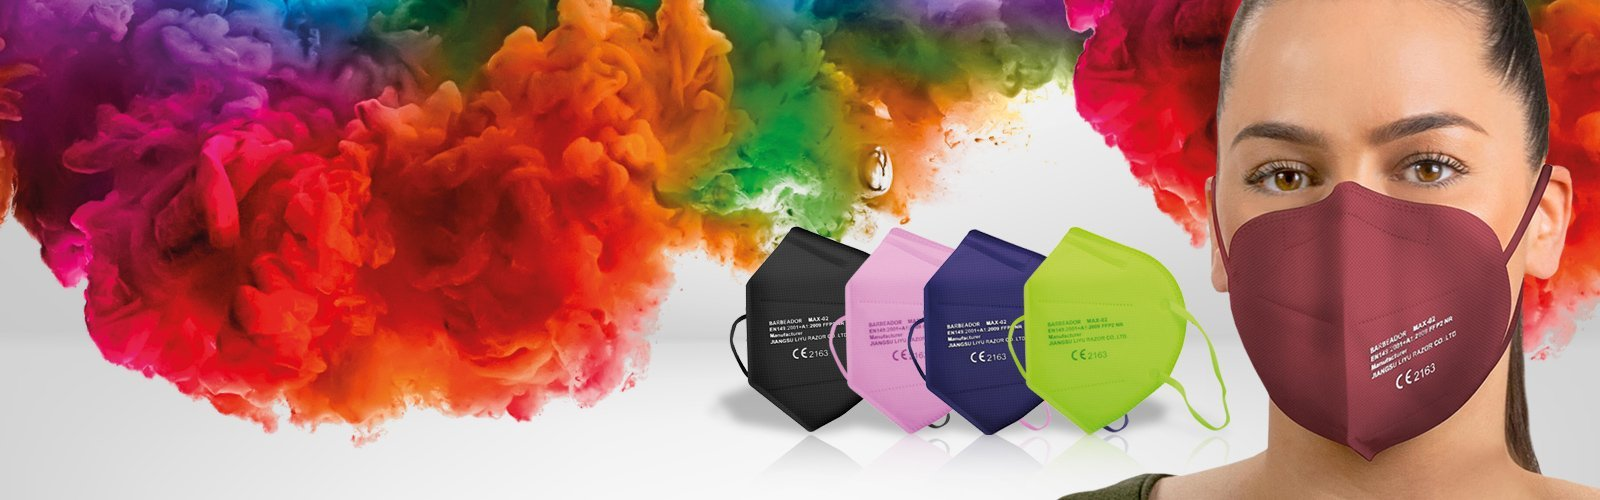 Mascarilla FFP2 en atractivos colores